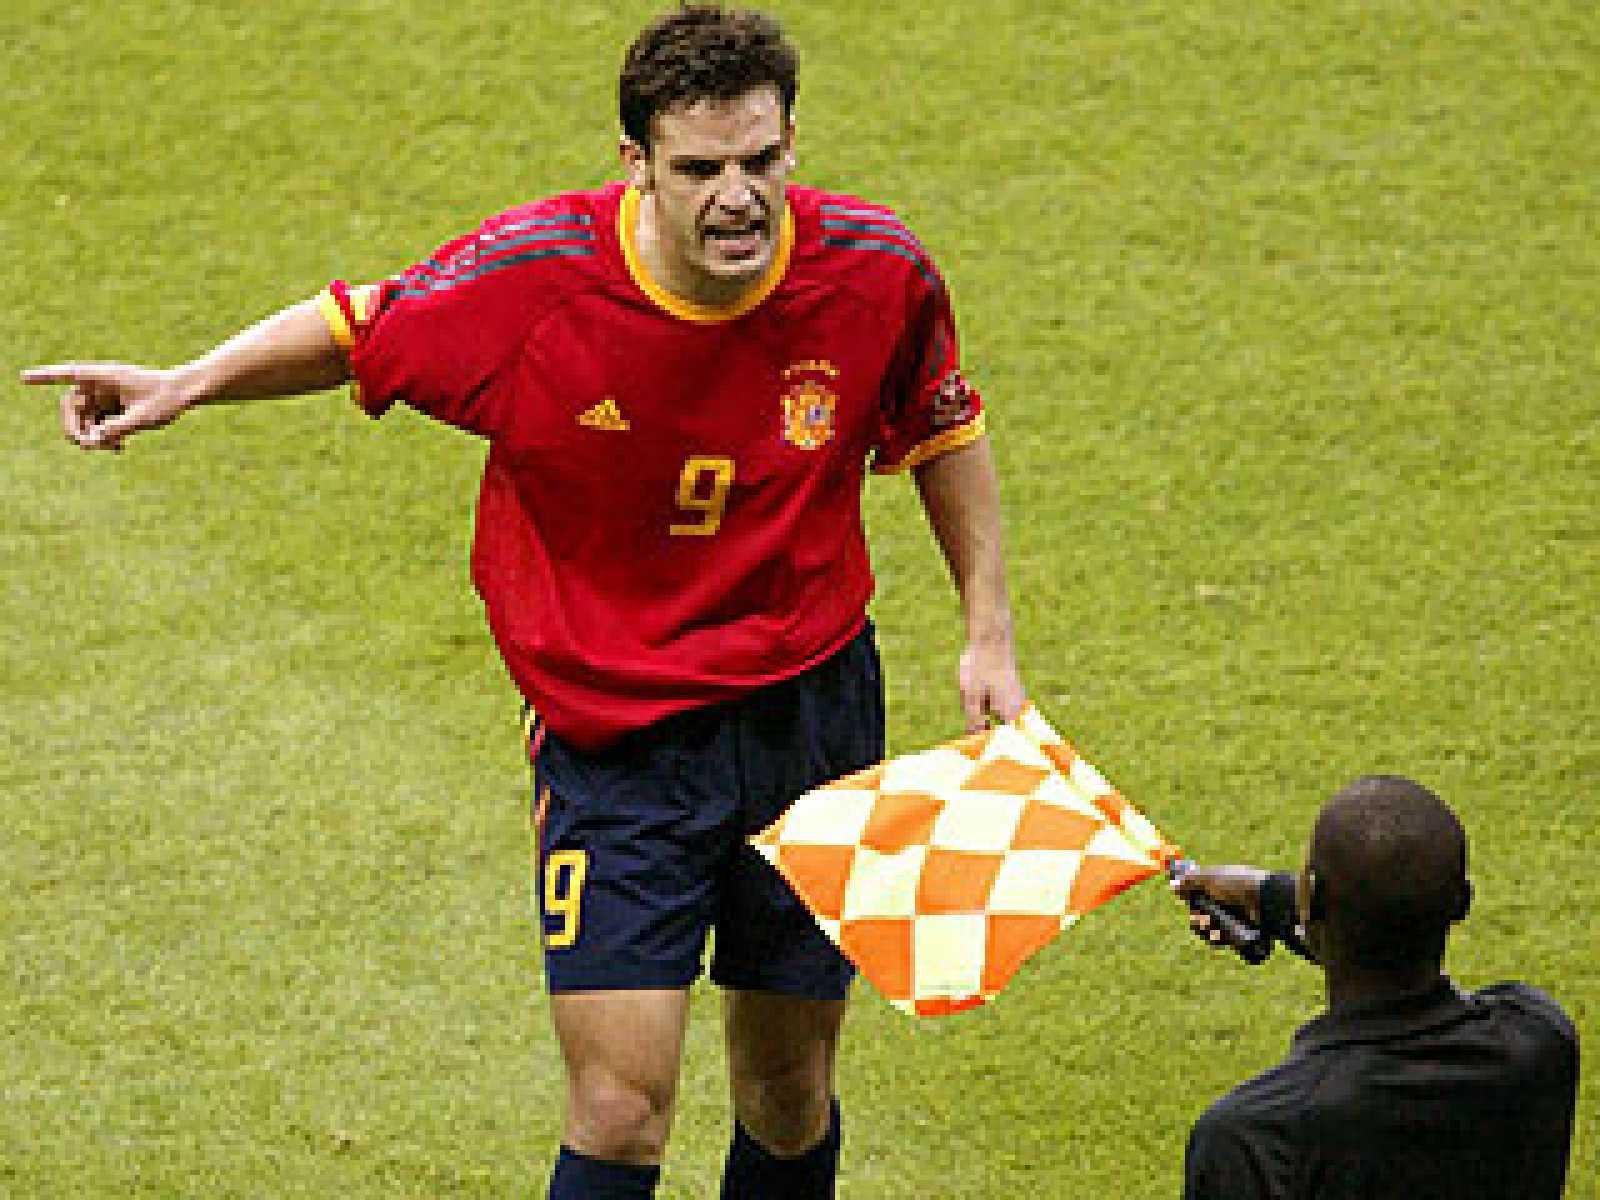 La selección española fue eliminada de manera injusta por la selección anfitriona de Corea. Las decisiones arbitrales fueron cruciales y en la lotería de los penaltis la suerte volvió a dar la espalda a los jugadores españoles.